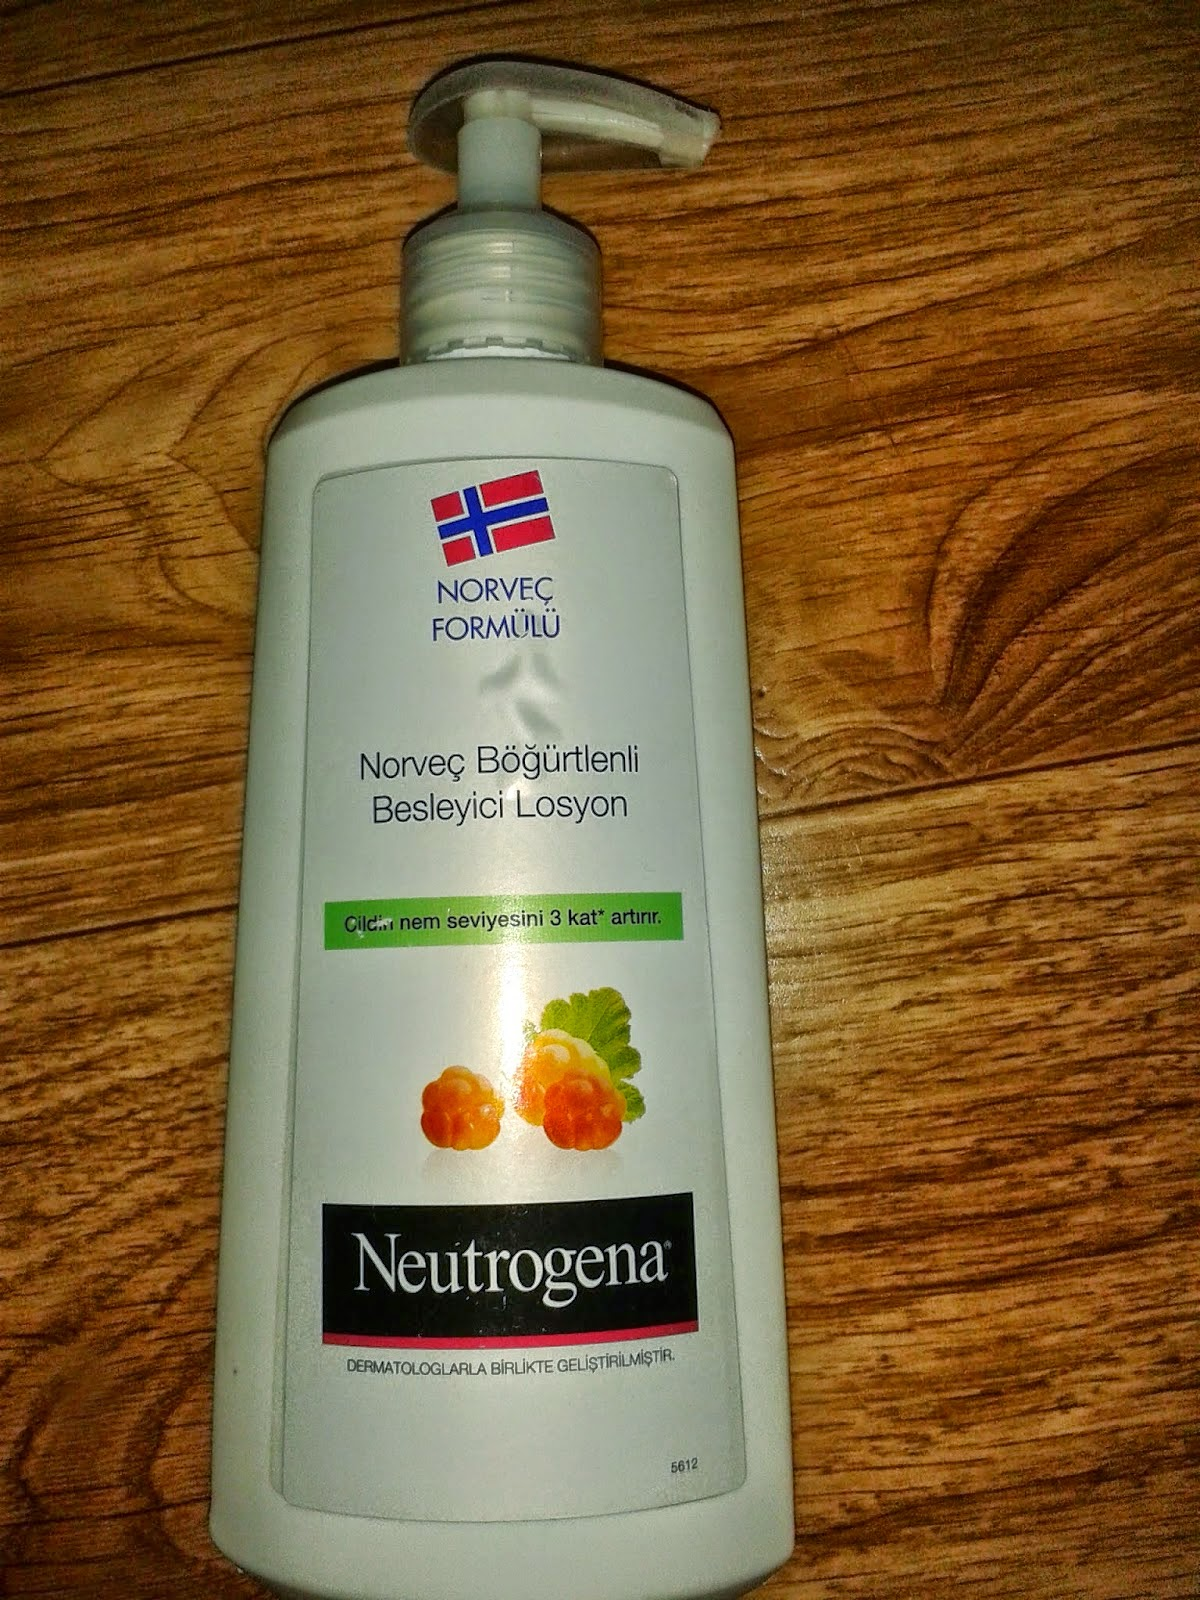 Neutrogena Norveç Böğürtlenli Vücut Losyonu